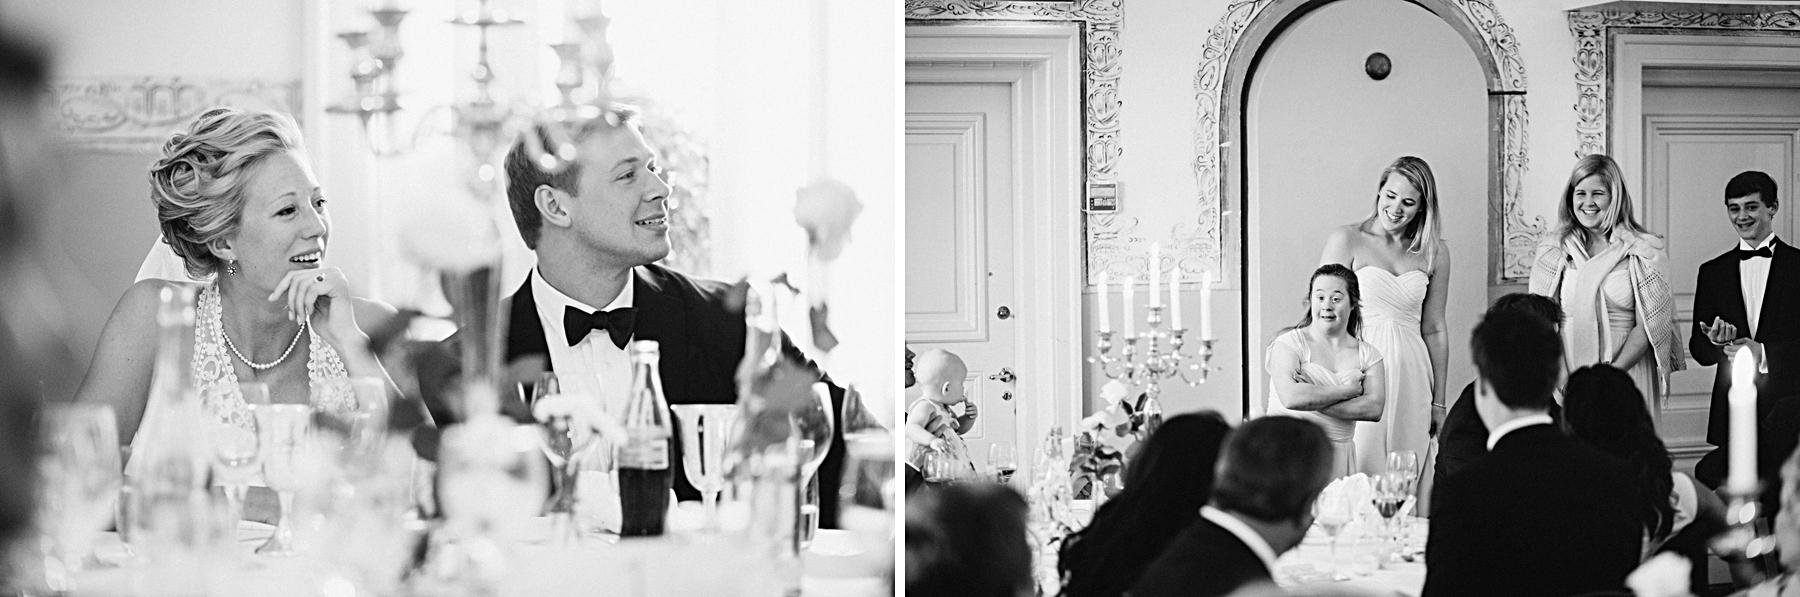 Brudparet lyssnar på brudgummens syster tal mellan jättelika k